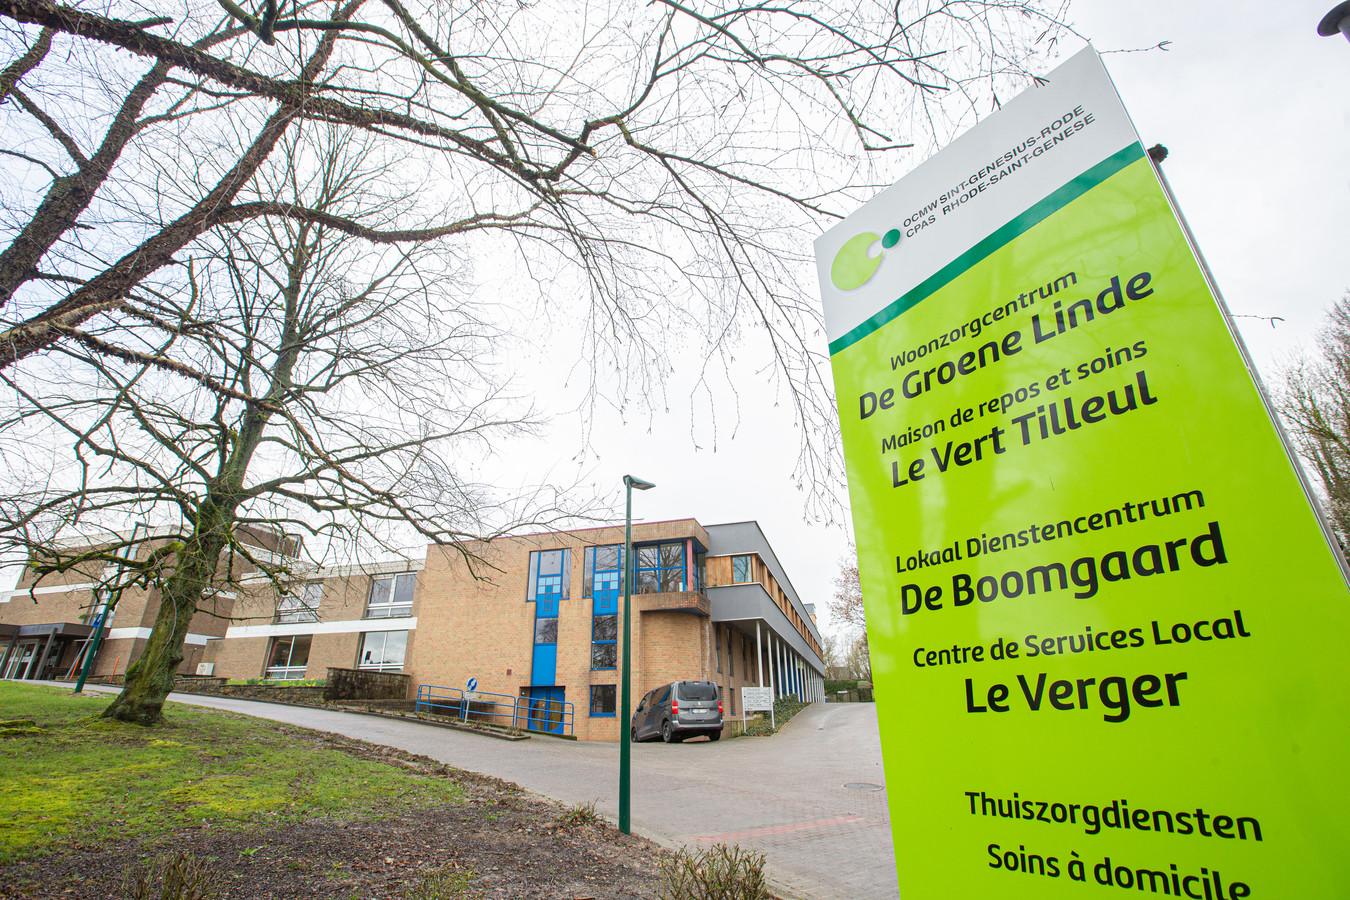 Woonzorgcentrum De Groene Linde in Sint-Genesius-Rode